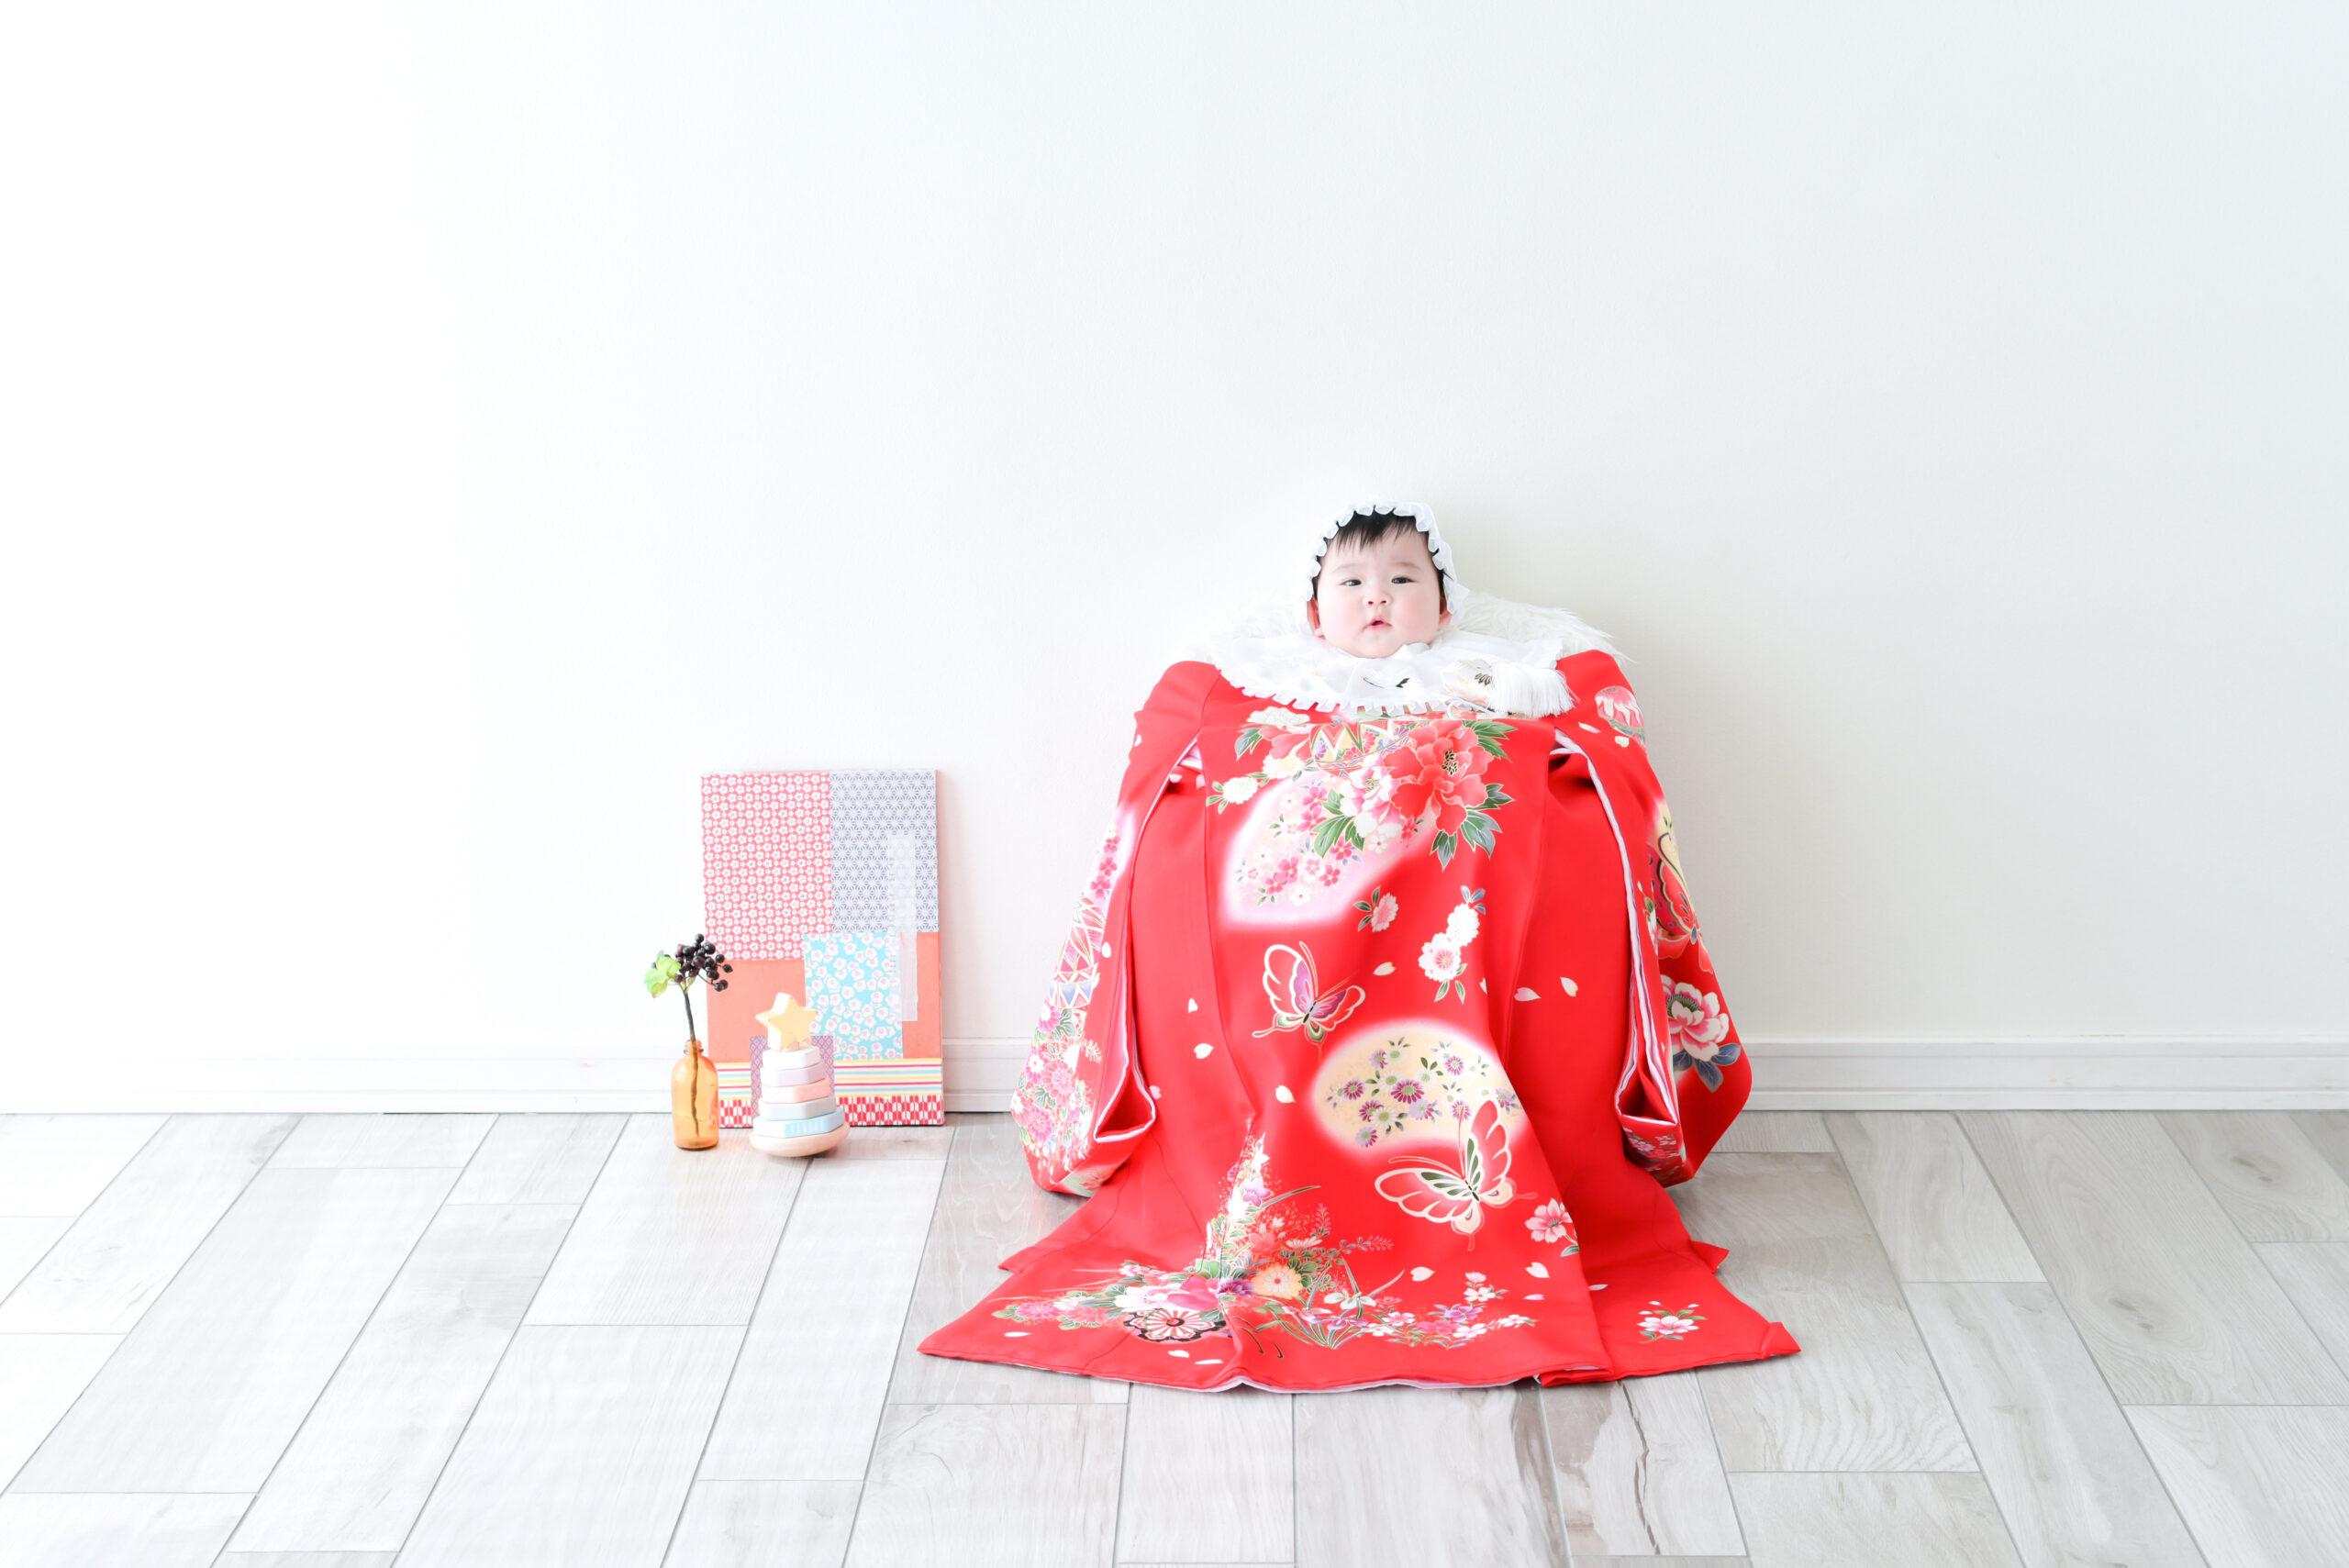 生後6ヶ月 赤ちゃん 女の子 持ってきてくれた掛け着 きれいな赤い色に可愛い和柄模様 フォトスタジオで撮影 宇都宮写真館 フォトジェニックサクラスタジオ